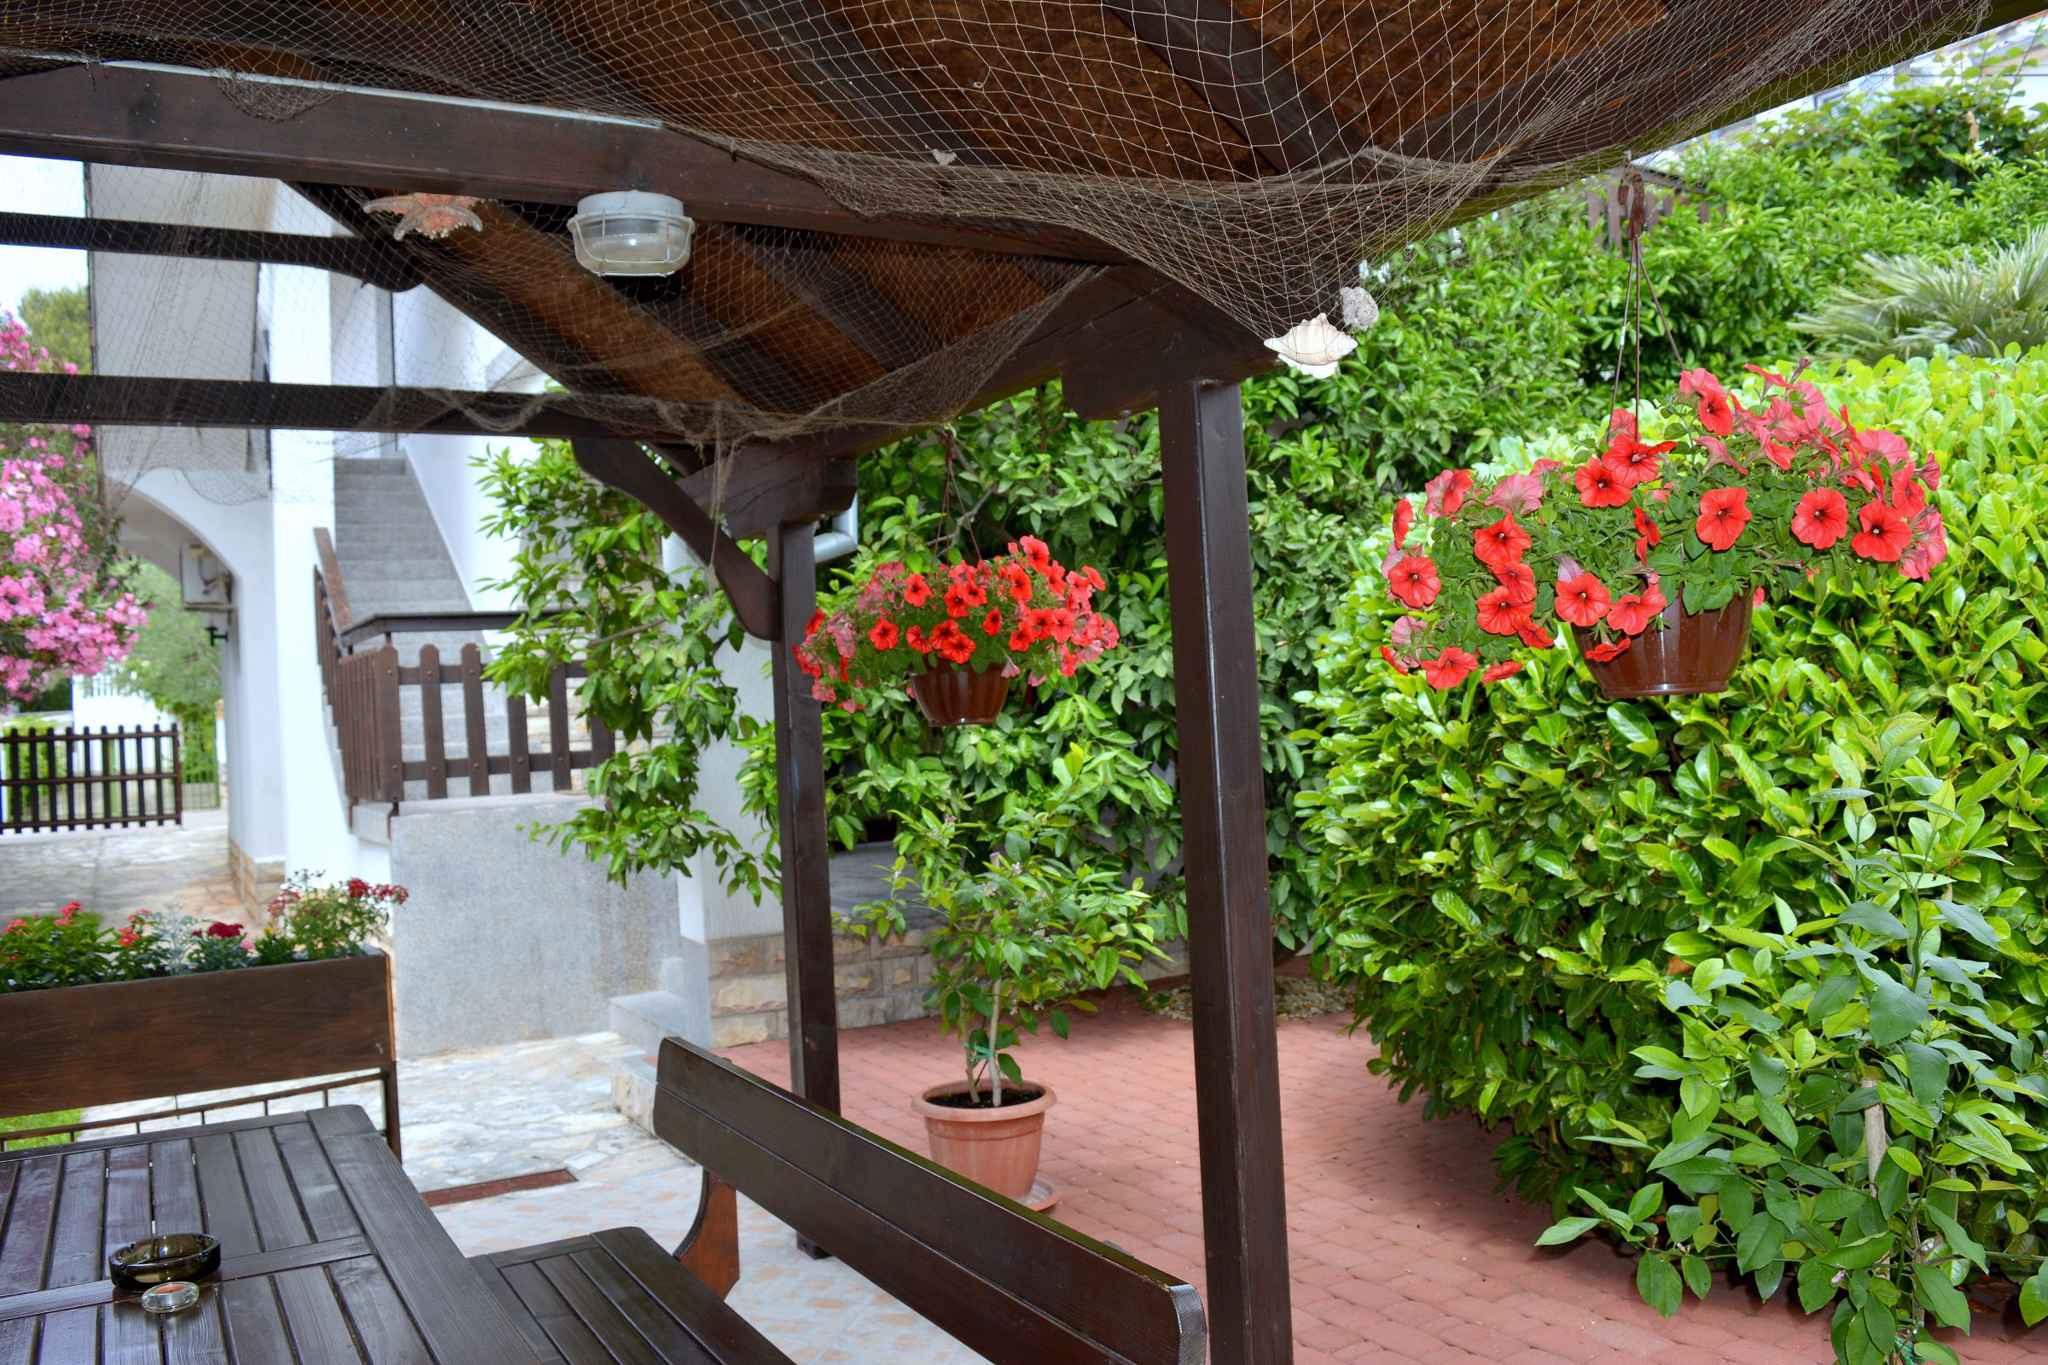 Ferienwohnung mit Balkon und nur 200 m bis zum Strand (278777), Vodice, , Dalmatien, Kroatien, Bild 4